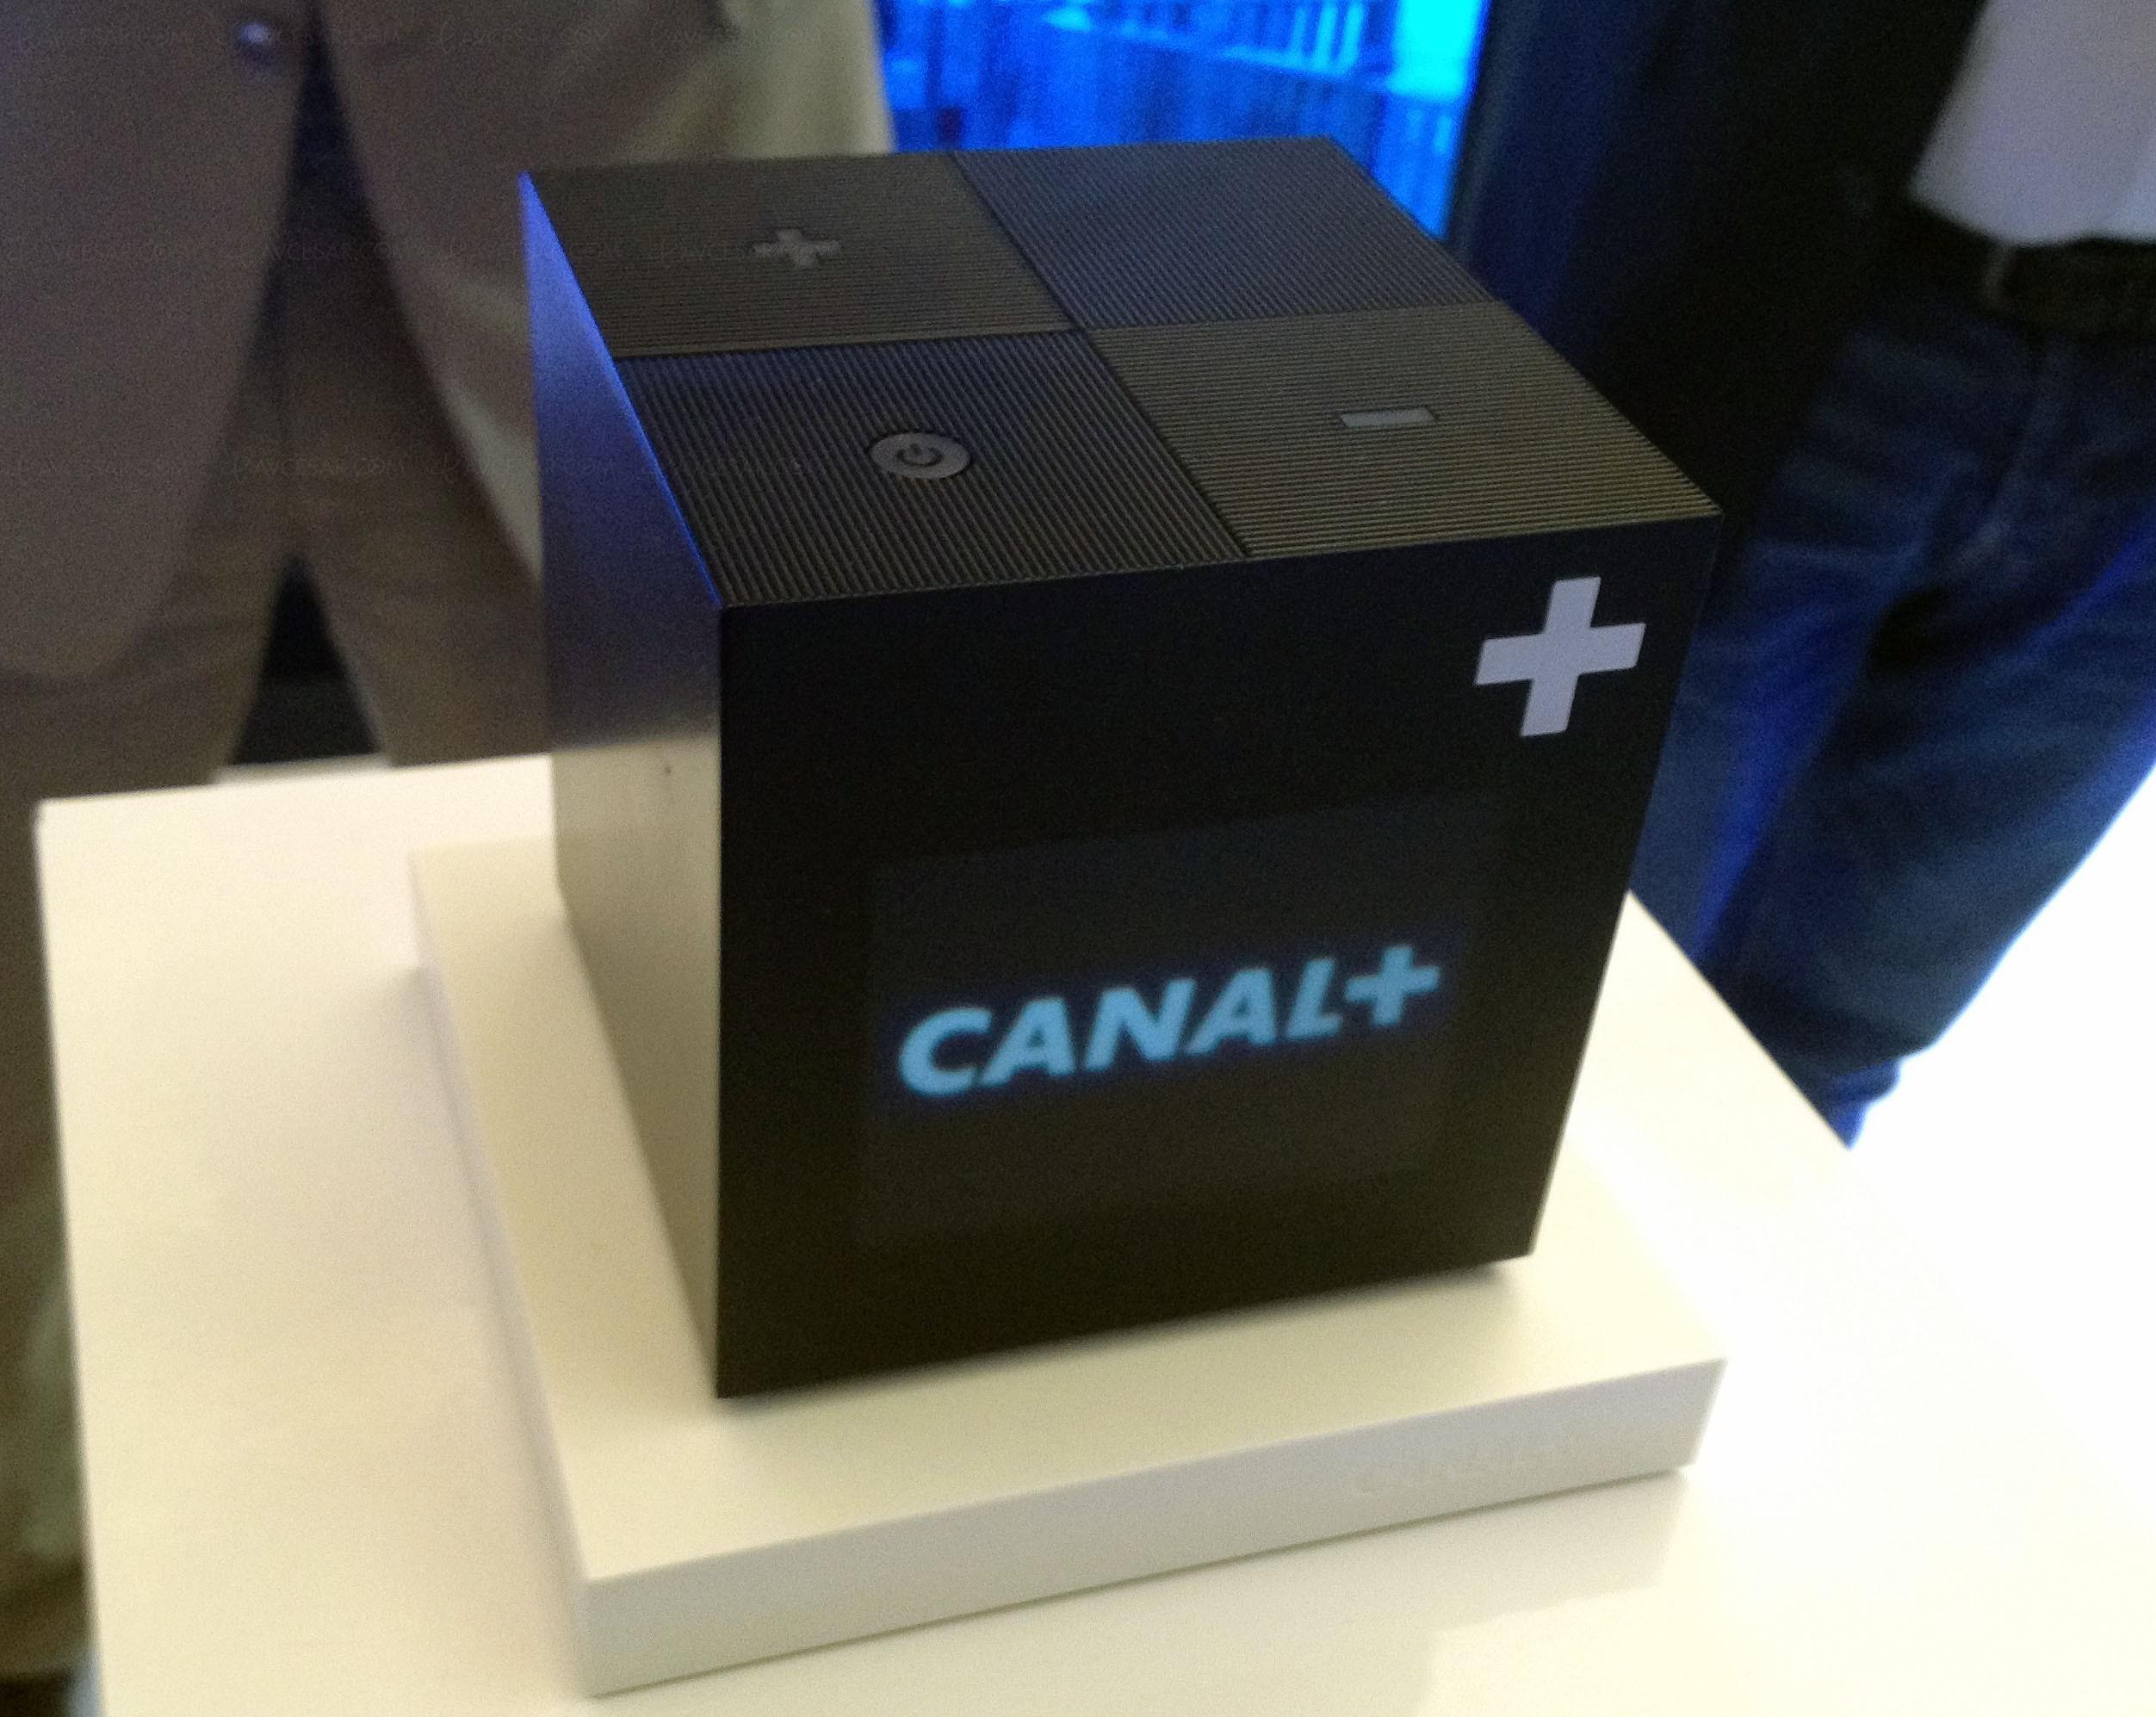 canal cube s nouveau d codeur ott et wi fi. Black Bedroom Furniture Sets. Home Design Ideas